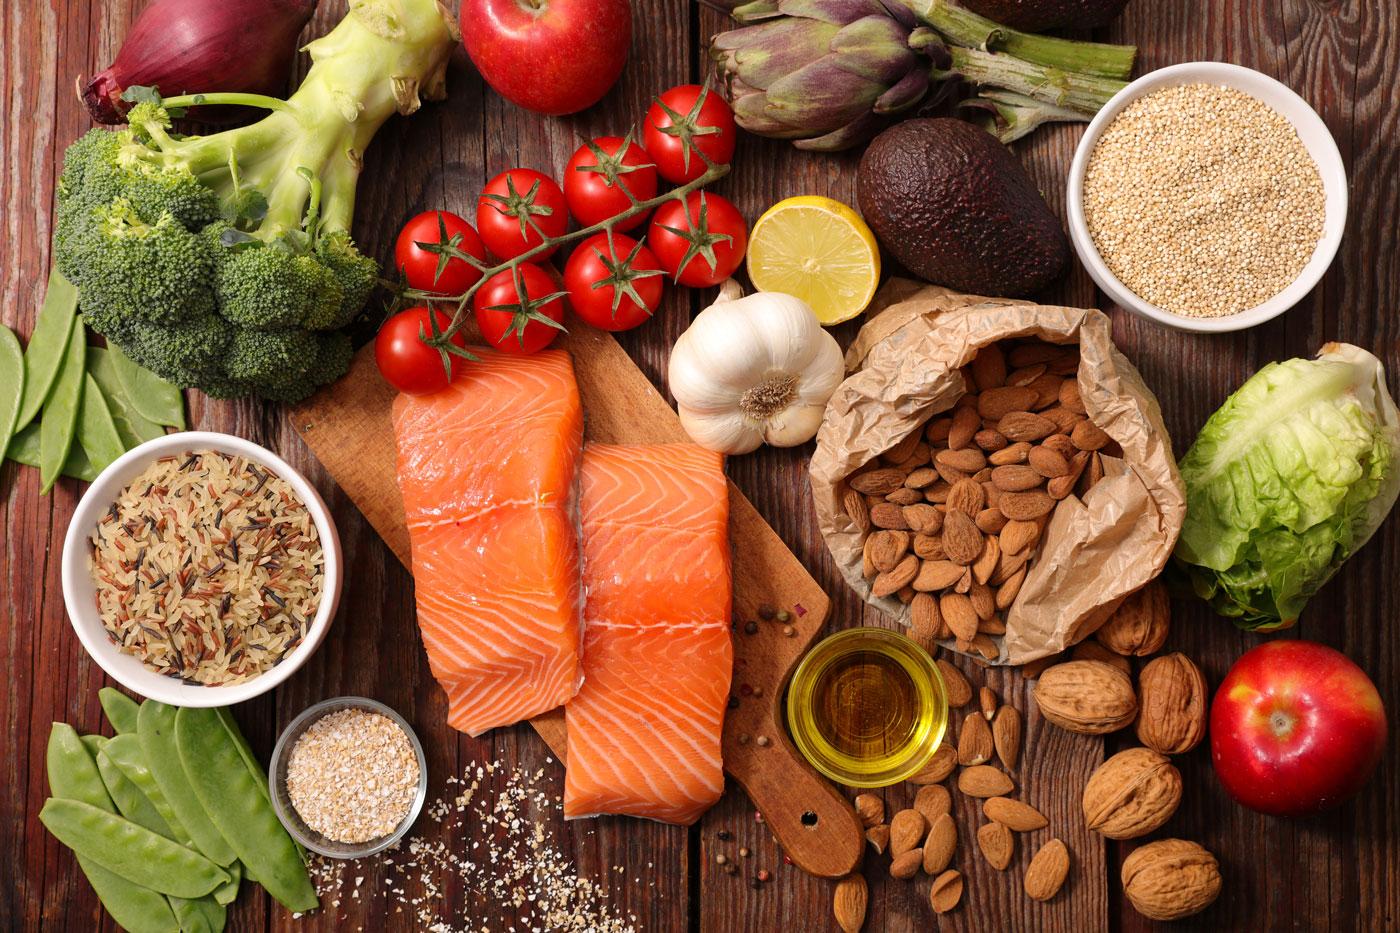 ECAJ - O Ceasa de Jundiaí | Frutas, legumes e verduras sempre fresquinhos  para você!